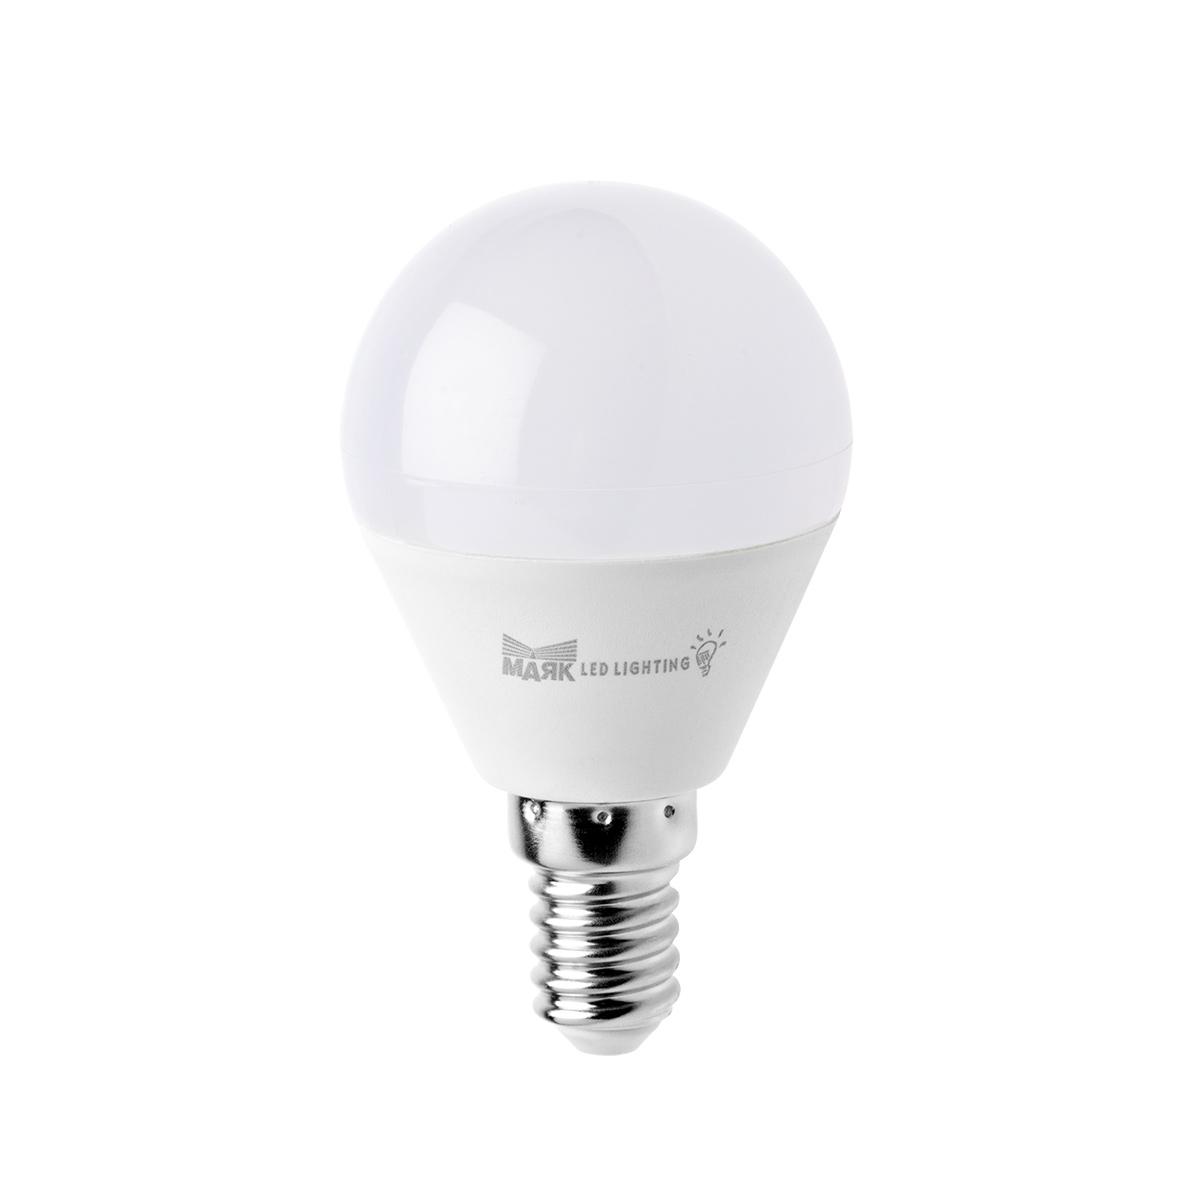 Лампа светодиодная МАЯК B45/e14/6w/3000k лампа светодиодная classic f e14 6w 4200k шар матовый 4690389108310